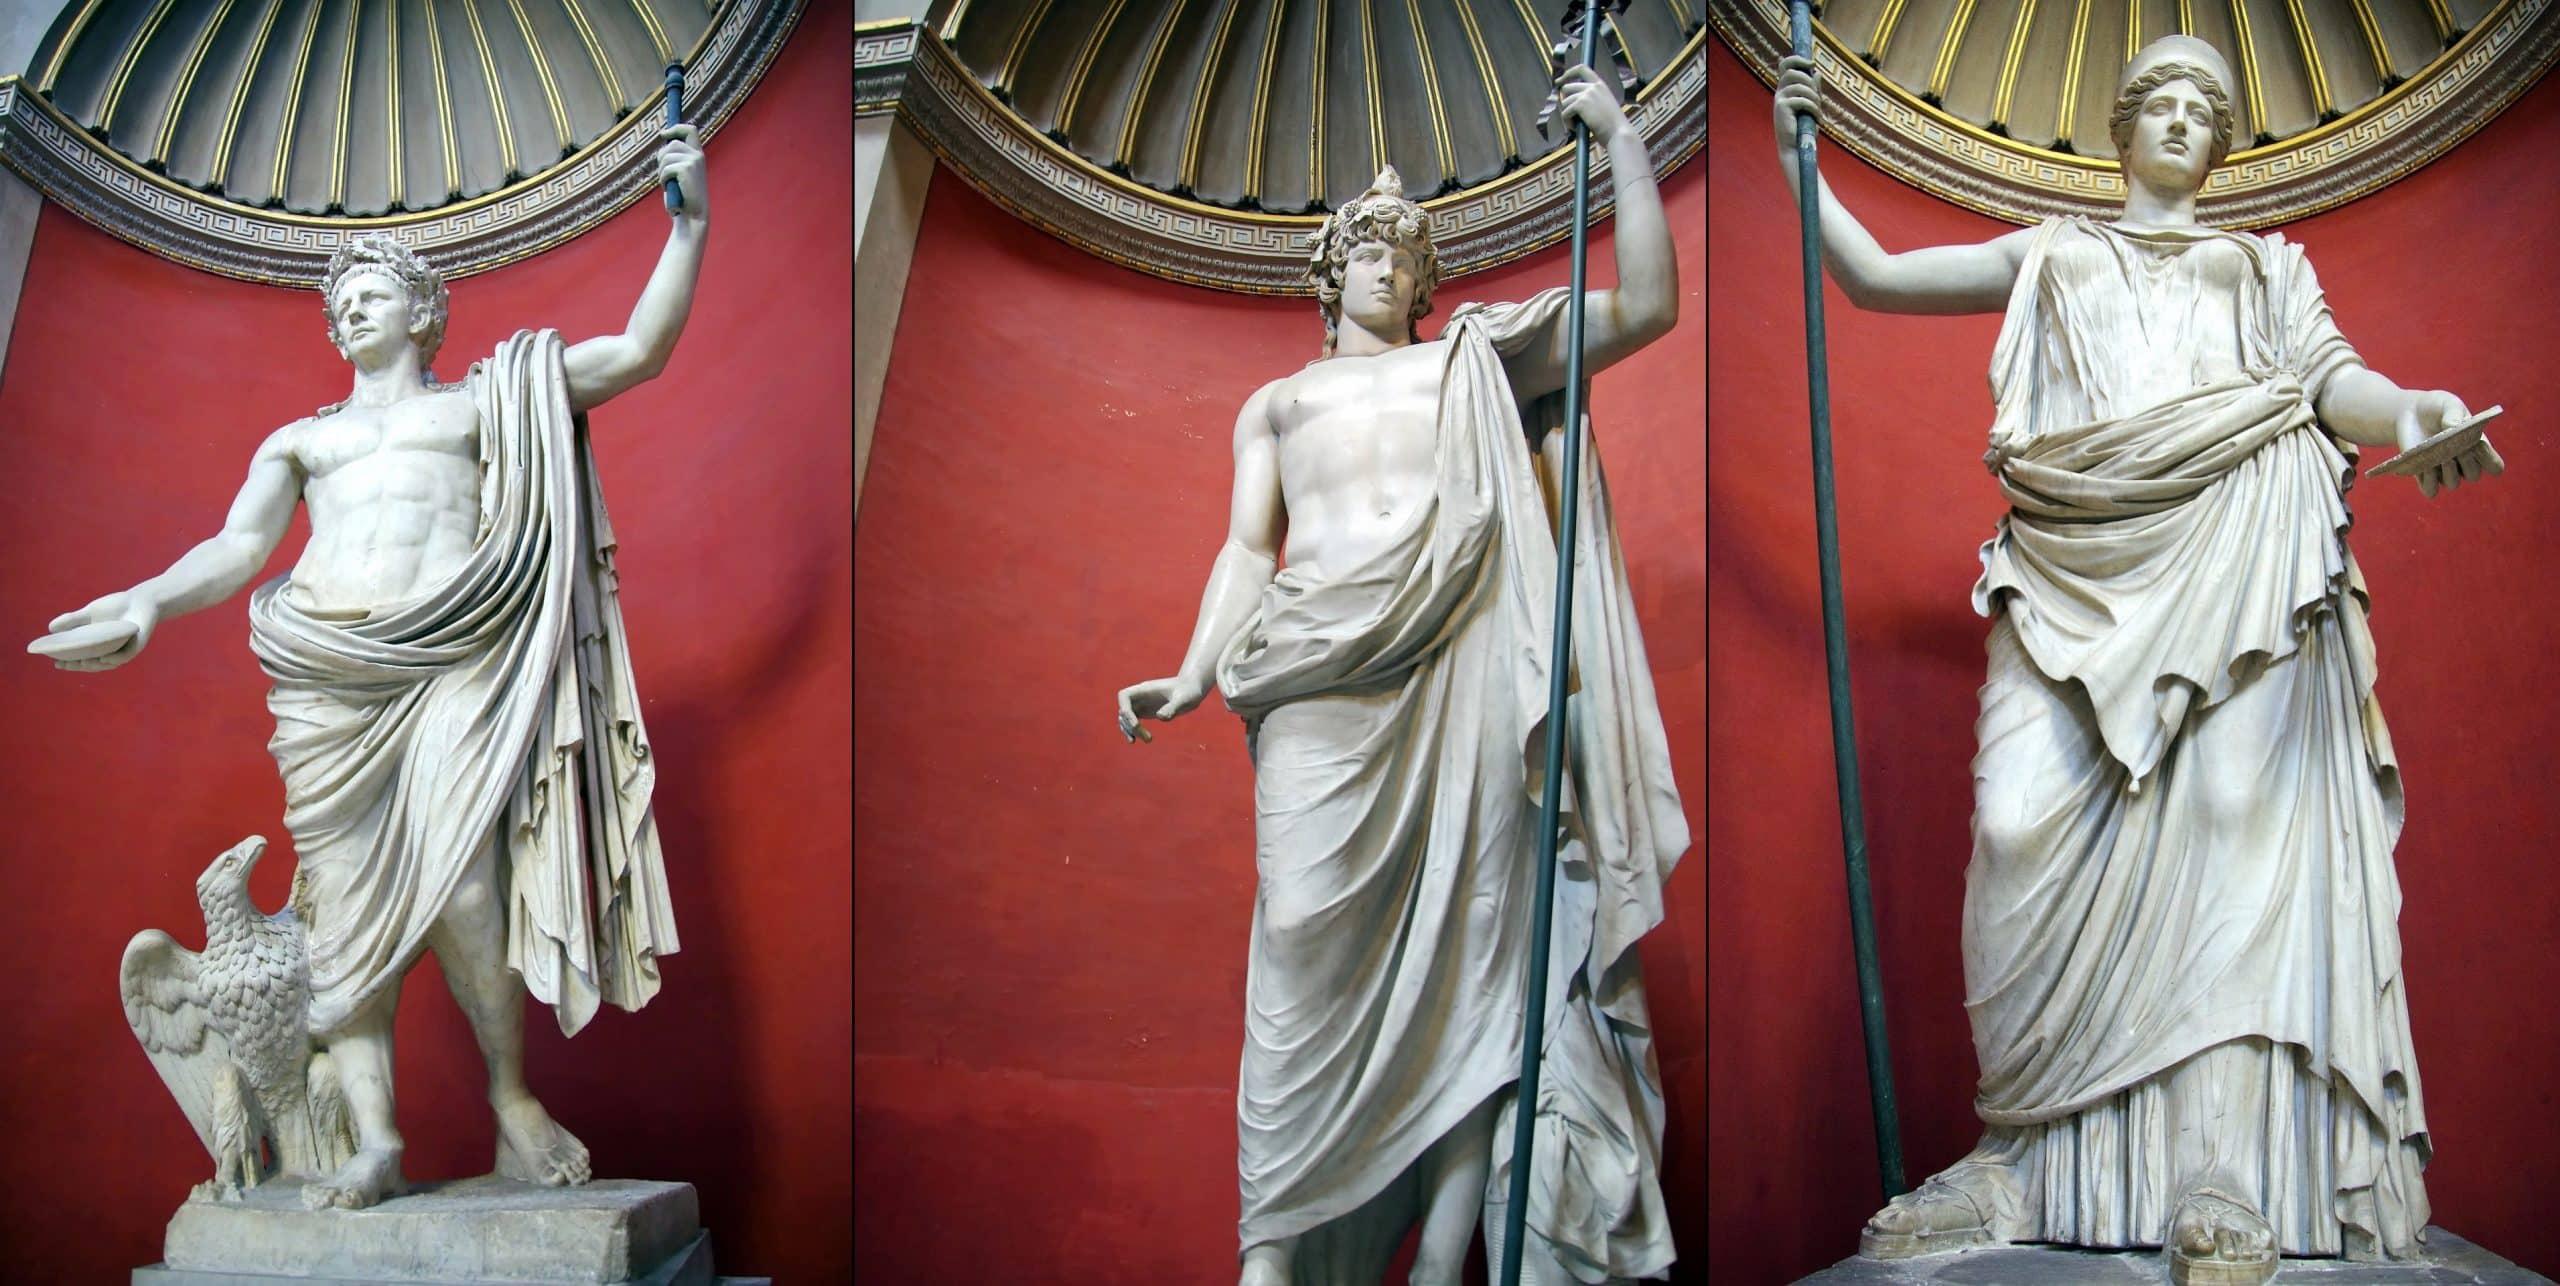 Sala Rotunda'da yer alan heykeller - Pio Clementino Müzesi - Vatikan Müzeleri